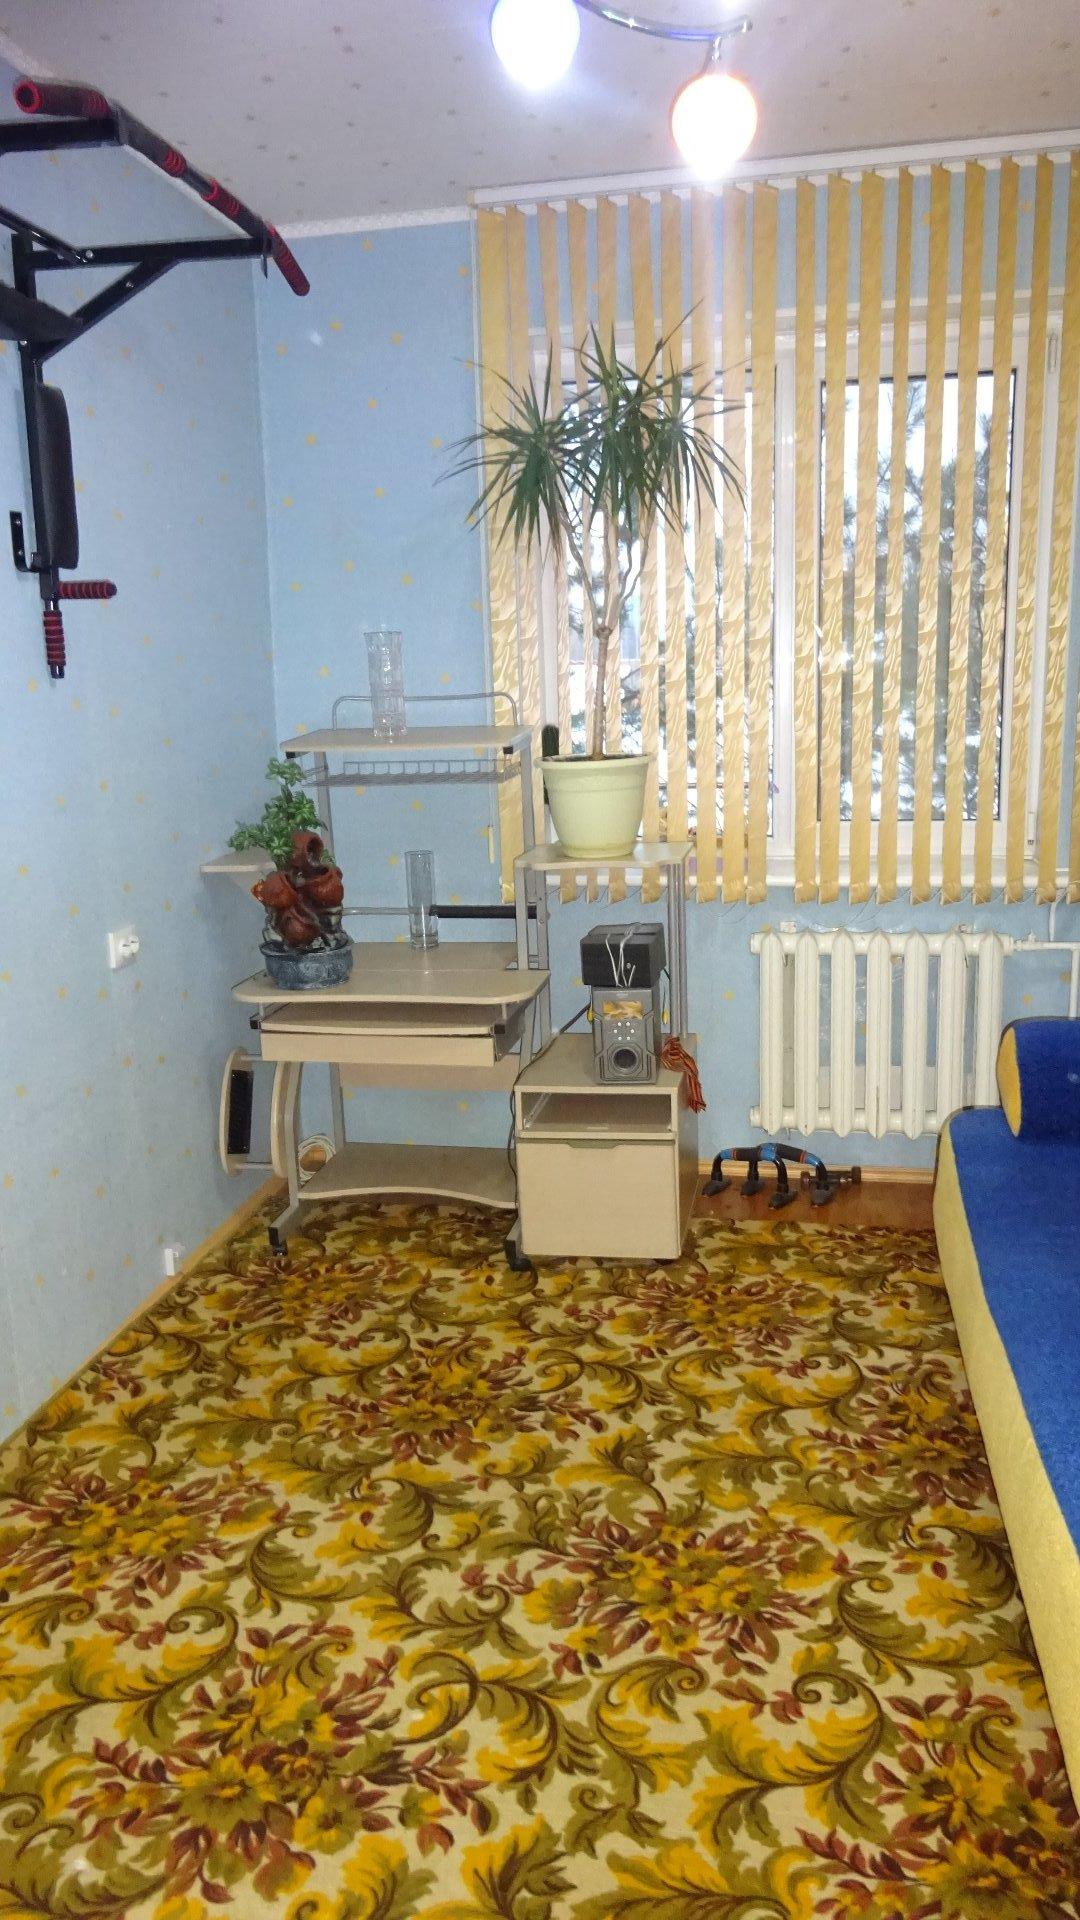 http://mielsever.3an.ru/files/1572582528_DSC05200.jpg